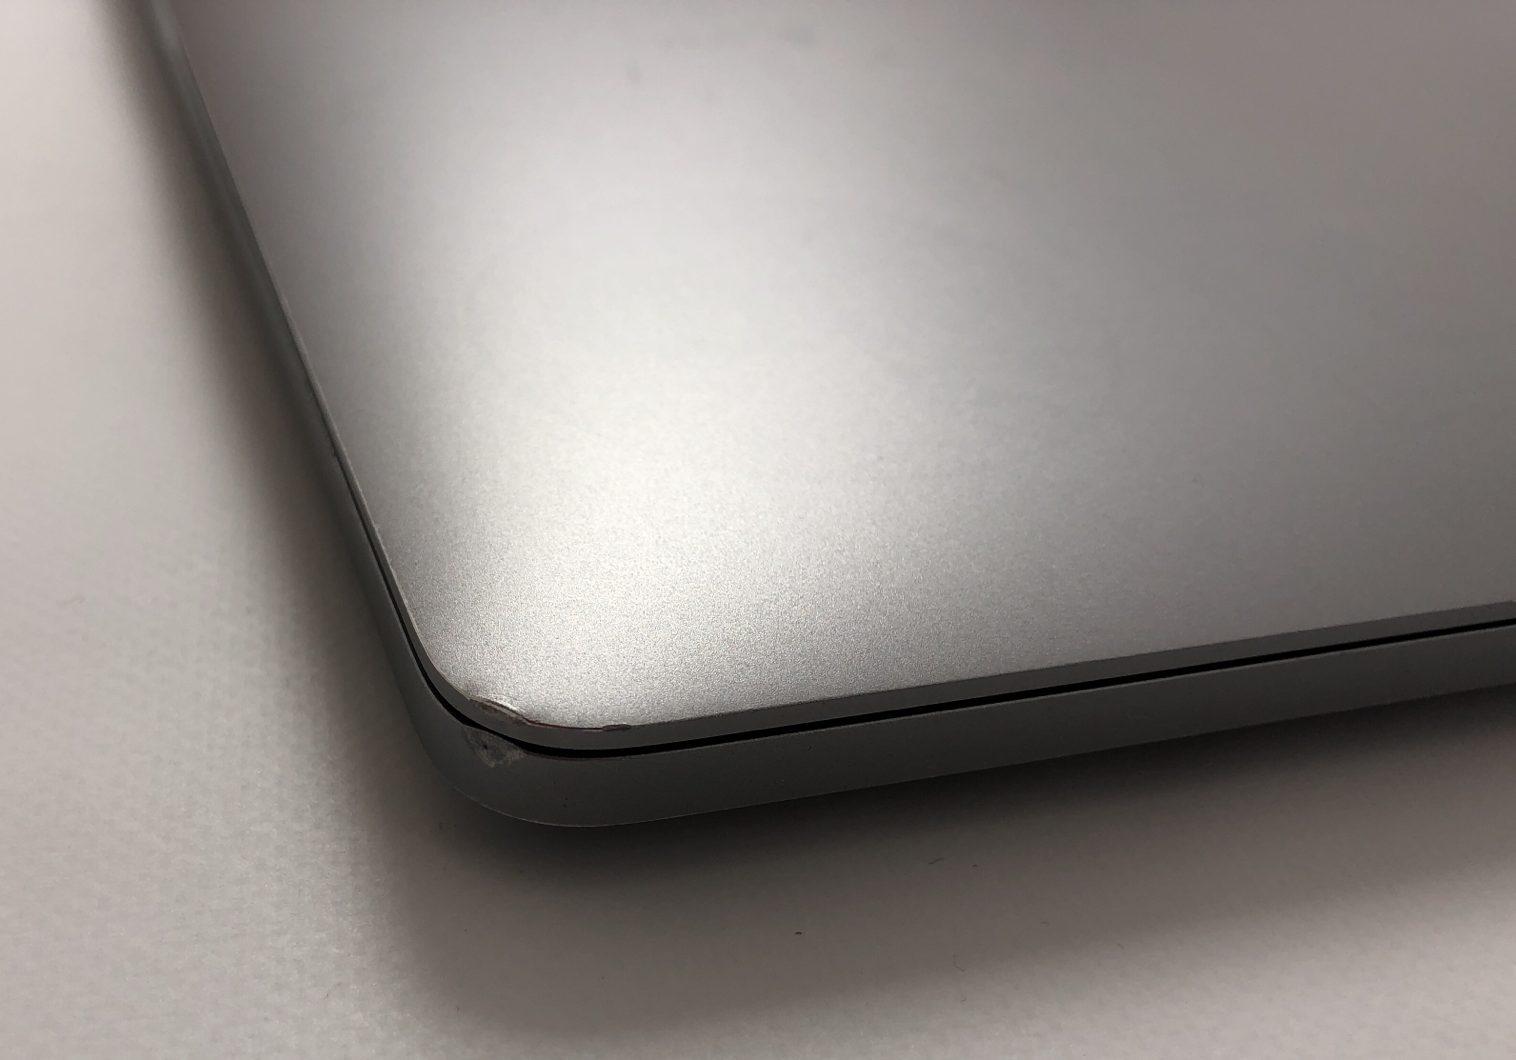 """MacBook Pro 15"""" Touch Bar Mid 2017 (Intel Quad-Core i7 2.9 GHz 16 GB RAM 512 GB SSD), Space Gray, Intel Quad-Core i7 2.9 GHz, 16 GB RAM, 512 GB SSD, Kuva 5"""